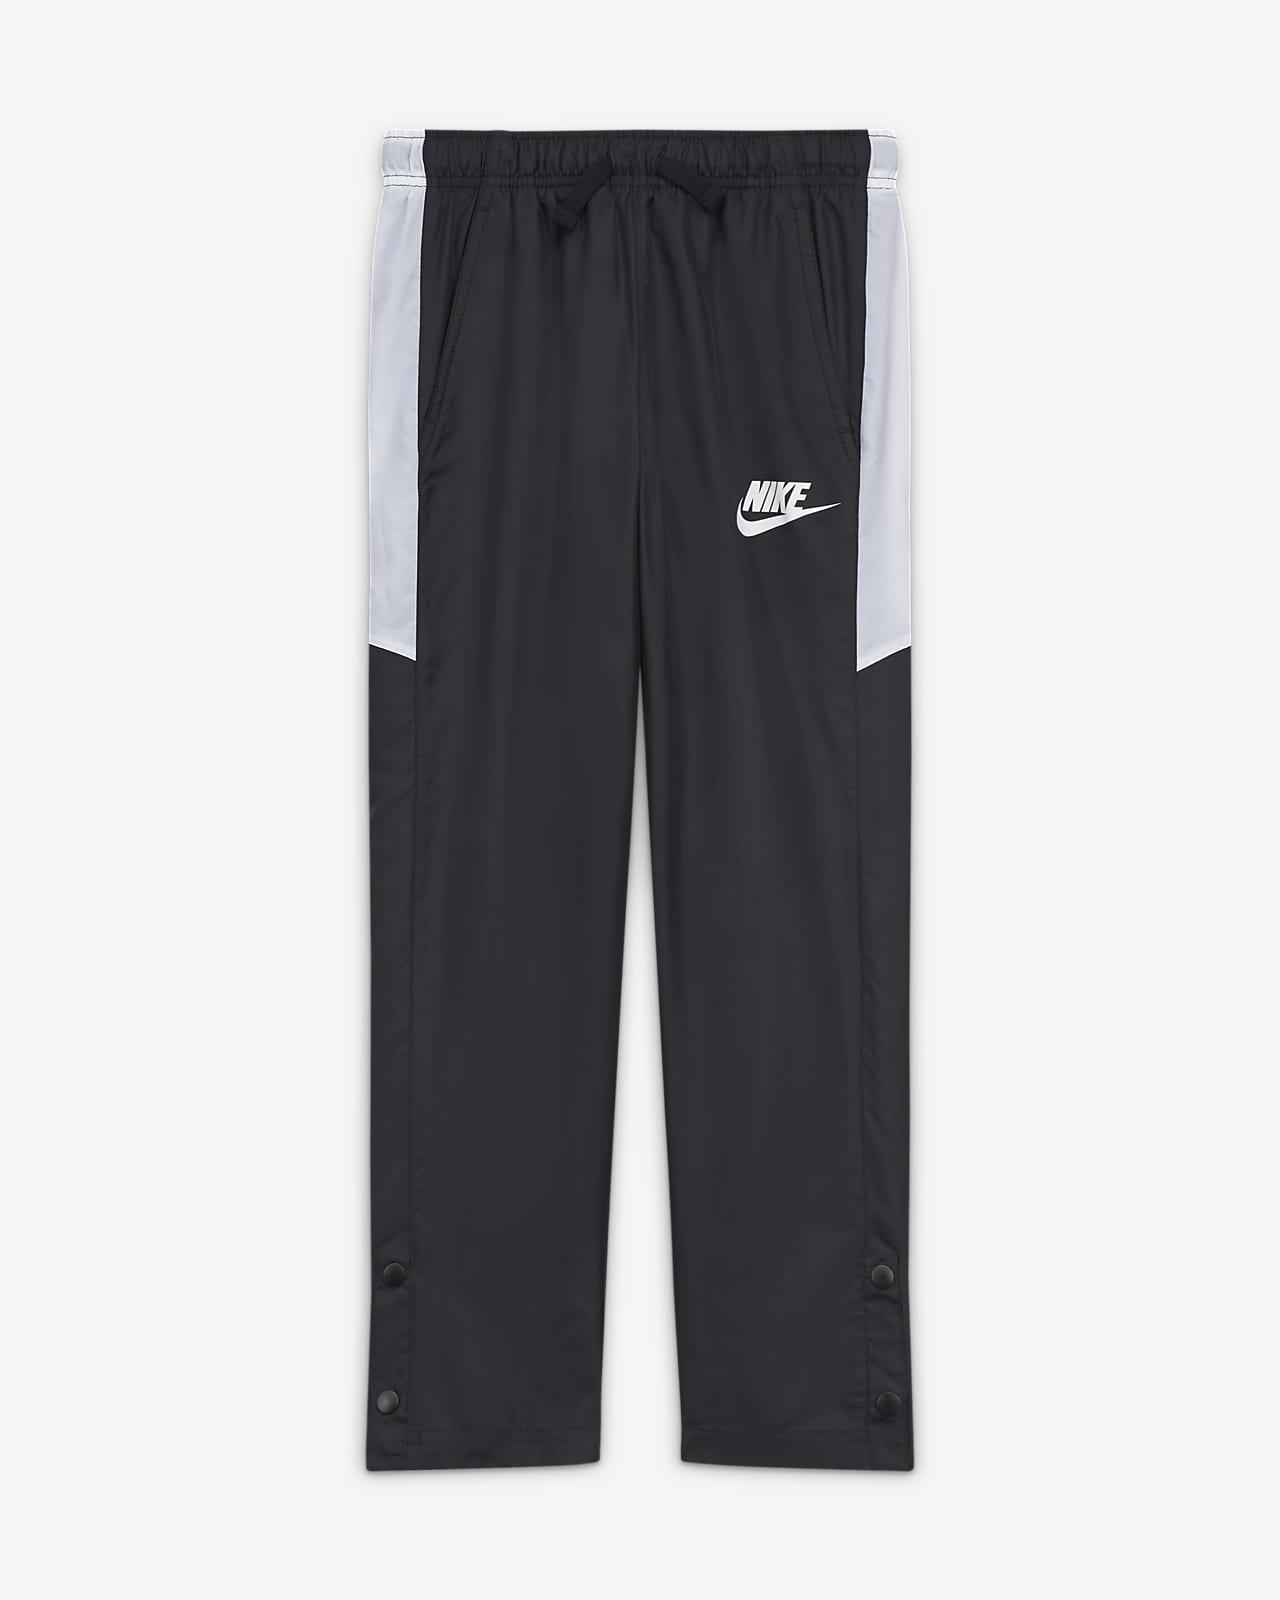 Calças entrançadas Nike Sportswear Júnior (Rapaz)